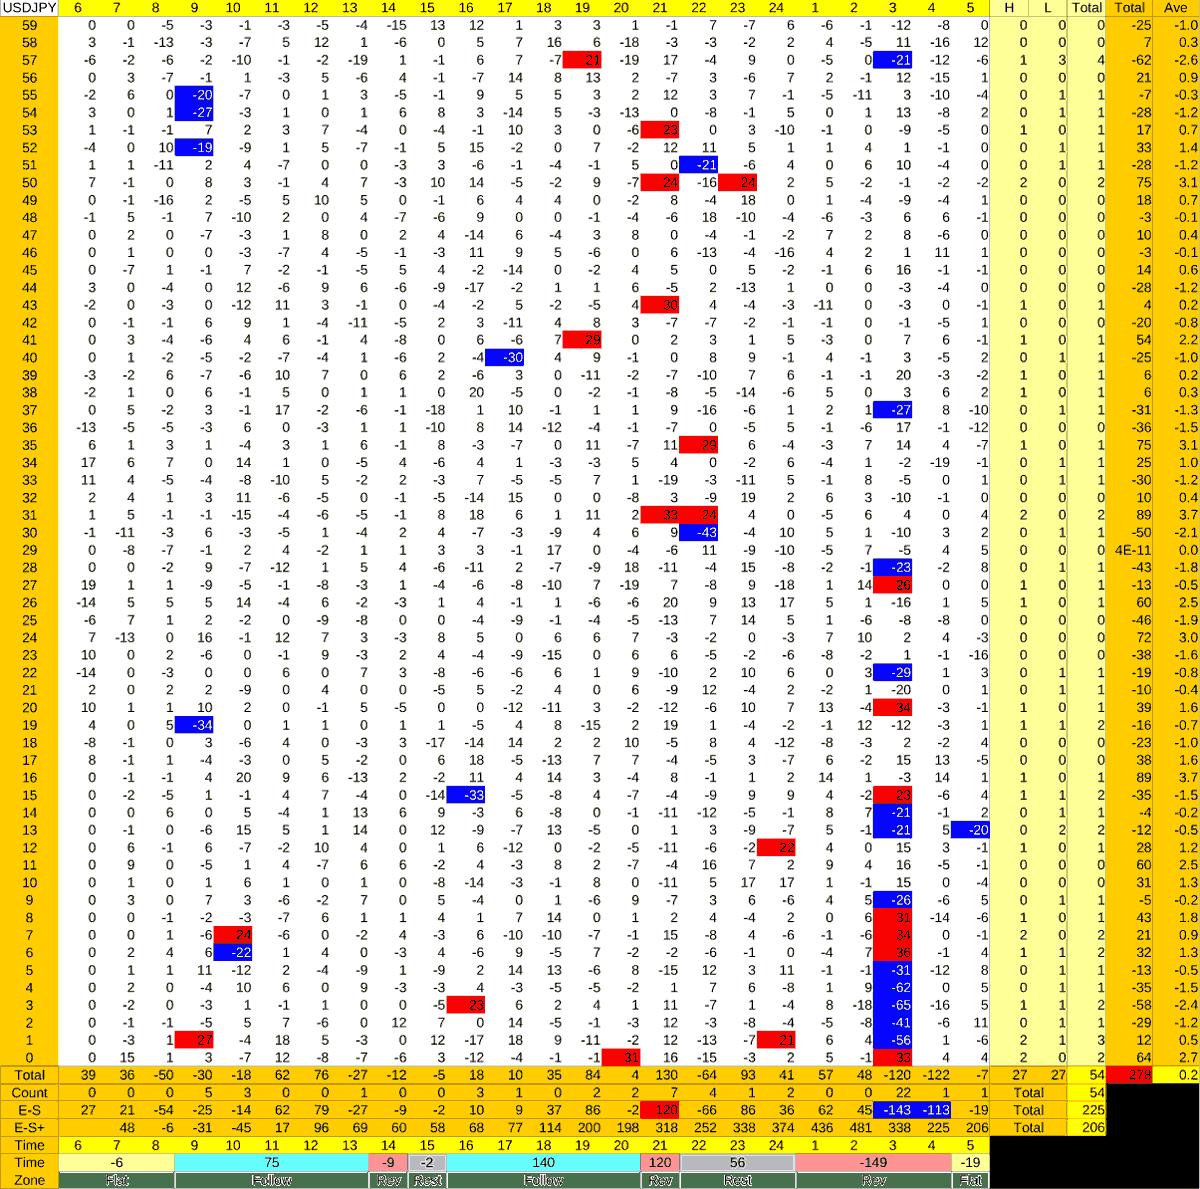 20210818_HS(1)USDJPY-min